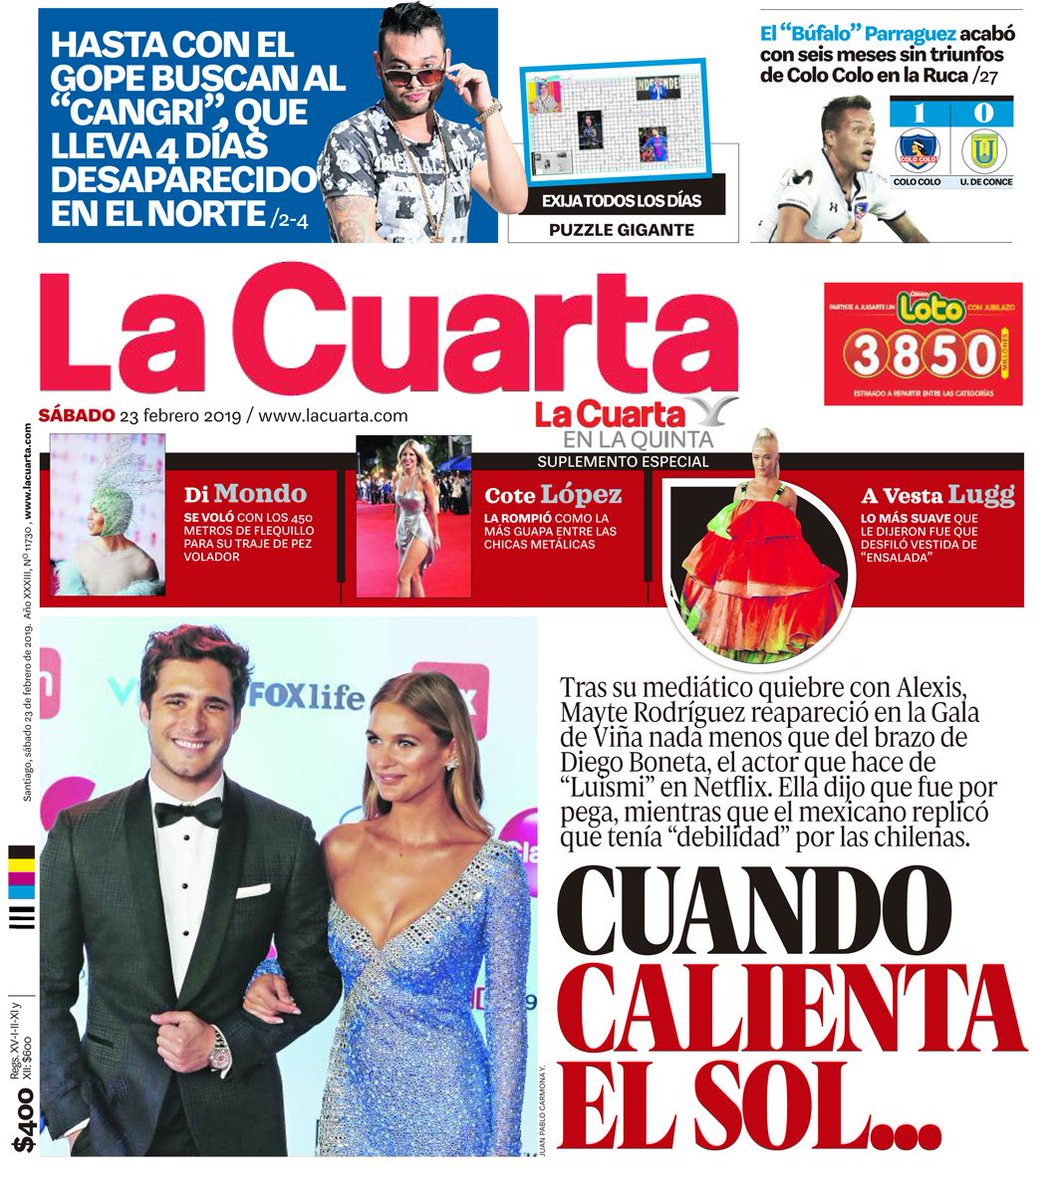 La Cuarta (@lacuarta) | Twitter